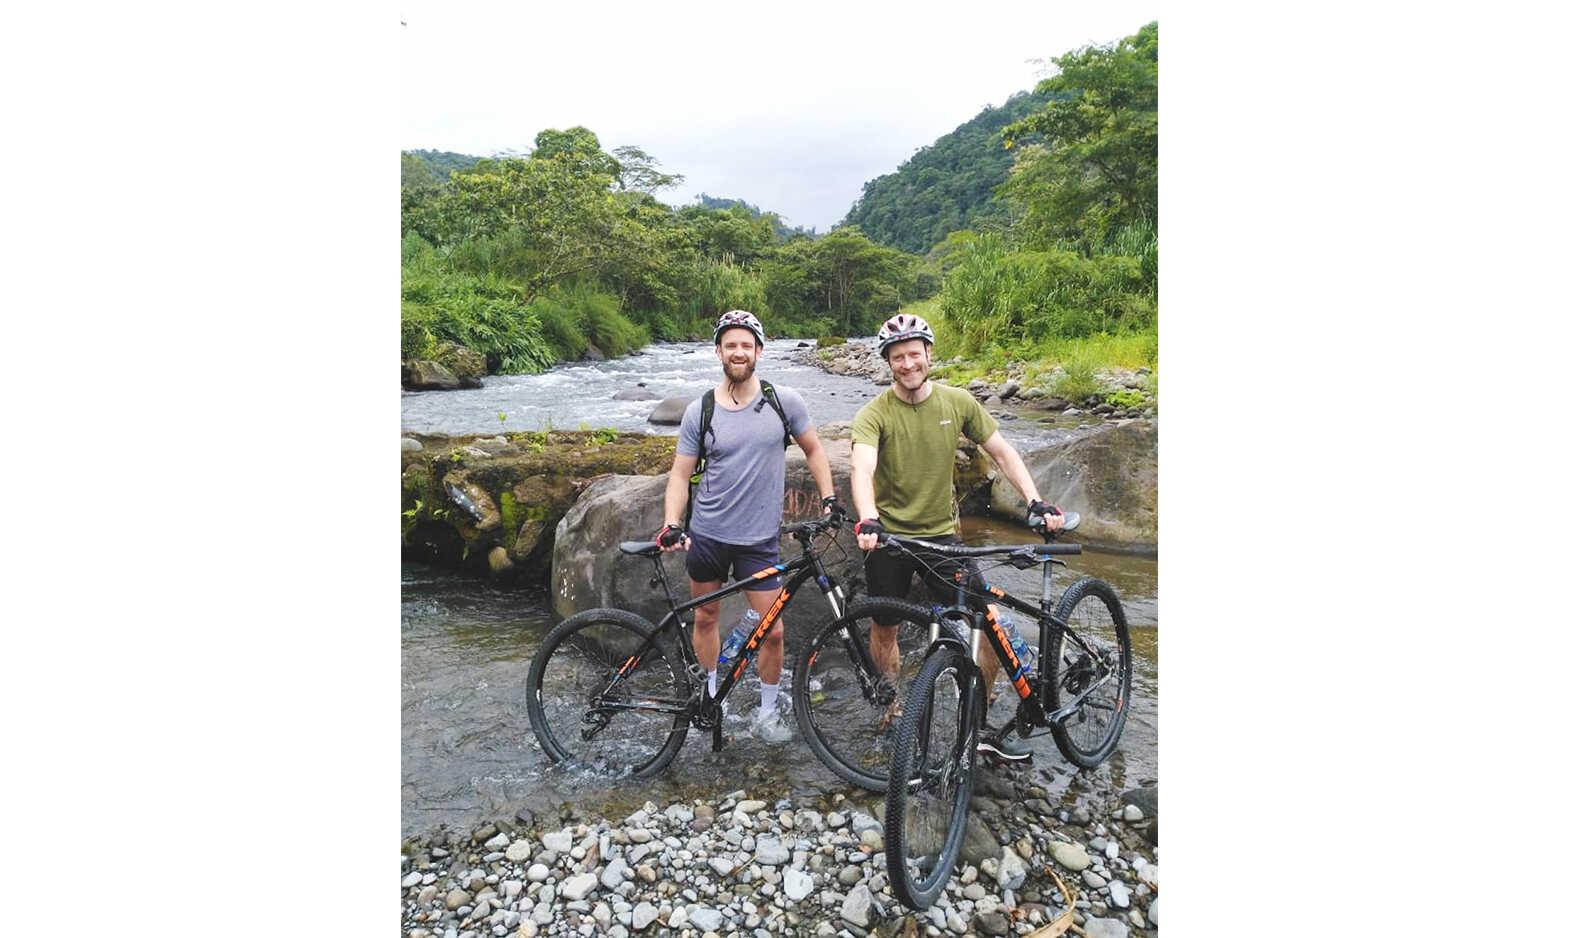 Unique Adventure In Costa Rica